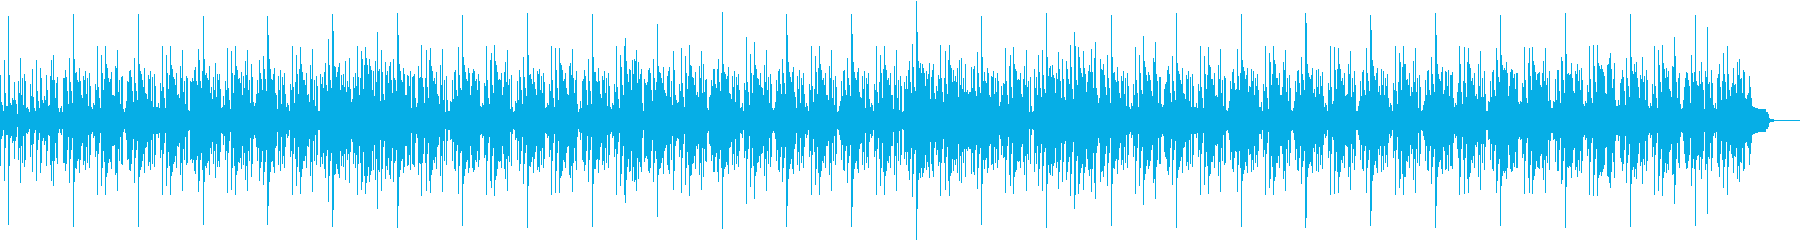 クールでダークなスピード感あるファンクの再生済みの波形